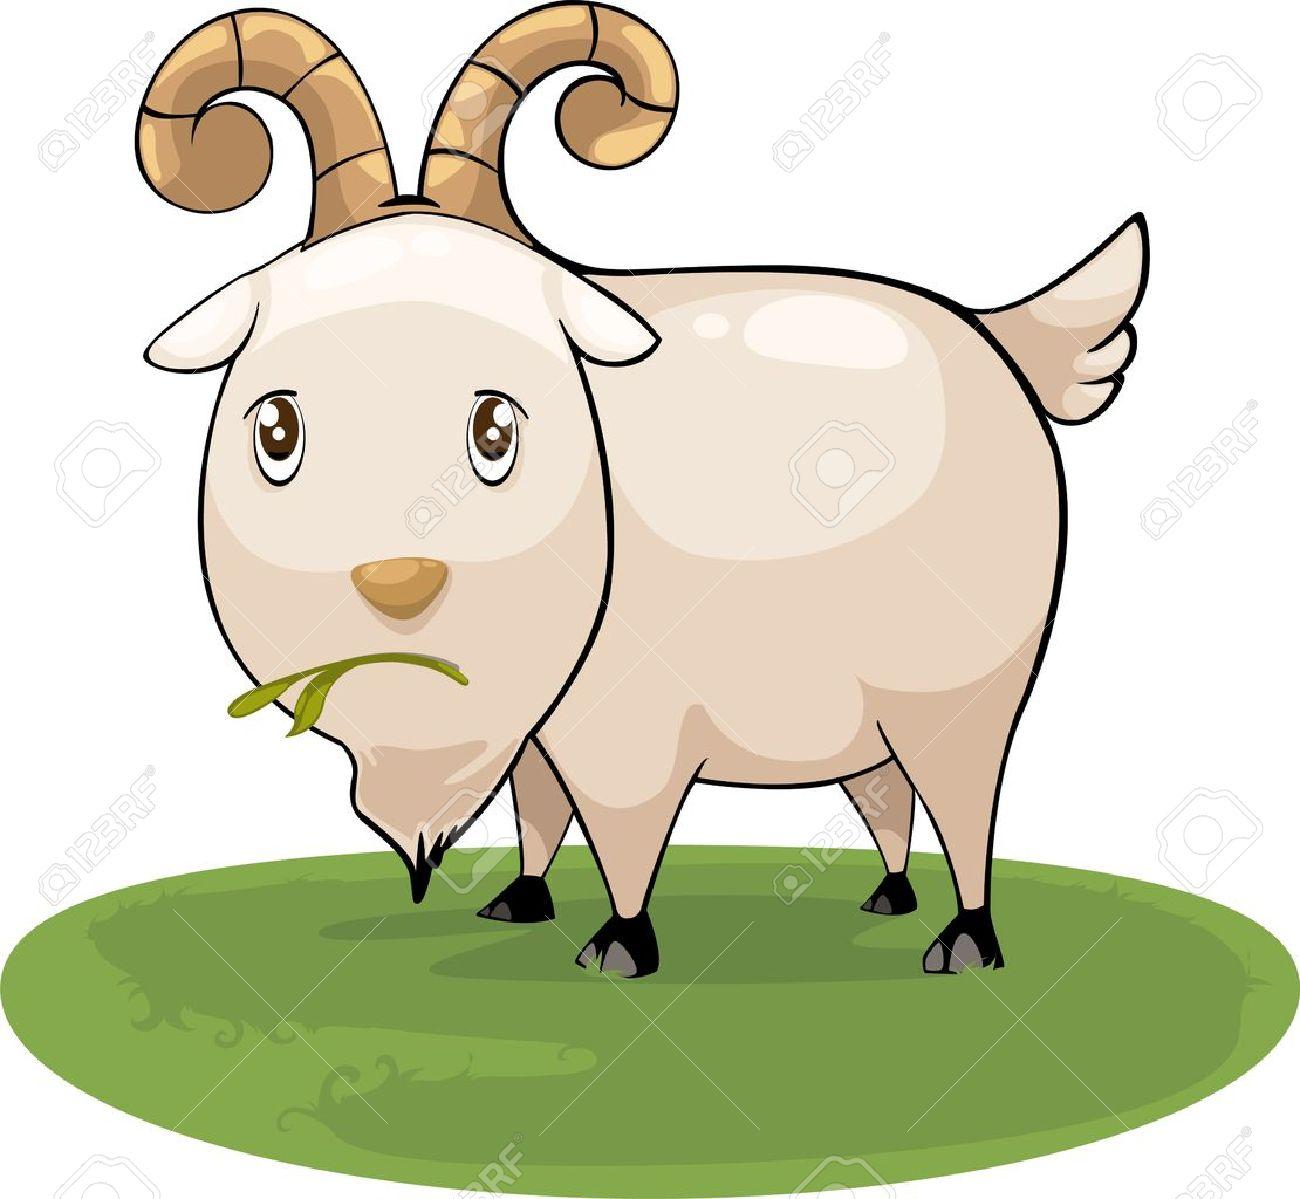 illustration cartoon goat vector Stock Vector - 12702648